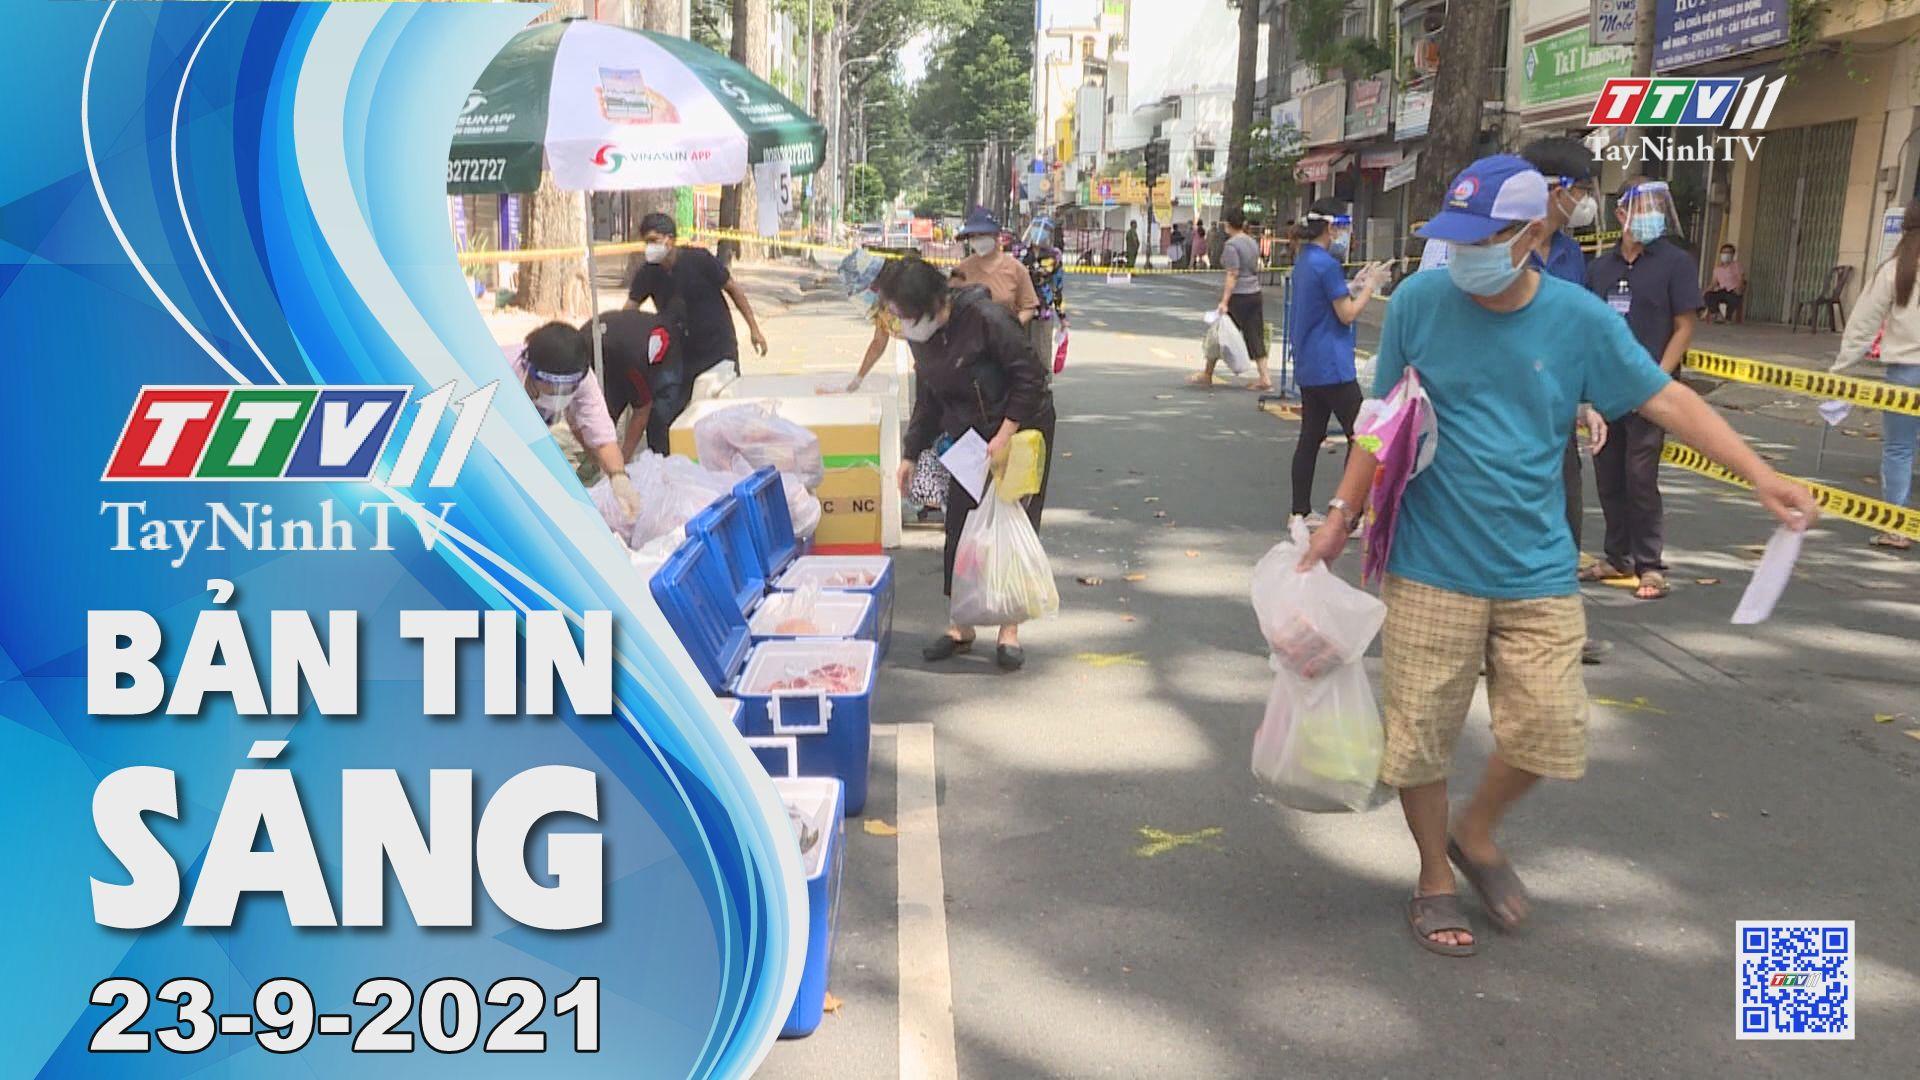 Bản tin sáng 23/9/2021 | Tin tức hôm nay | TayNinhTV